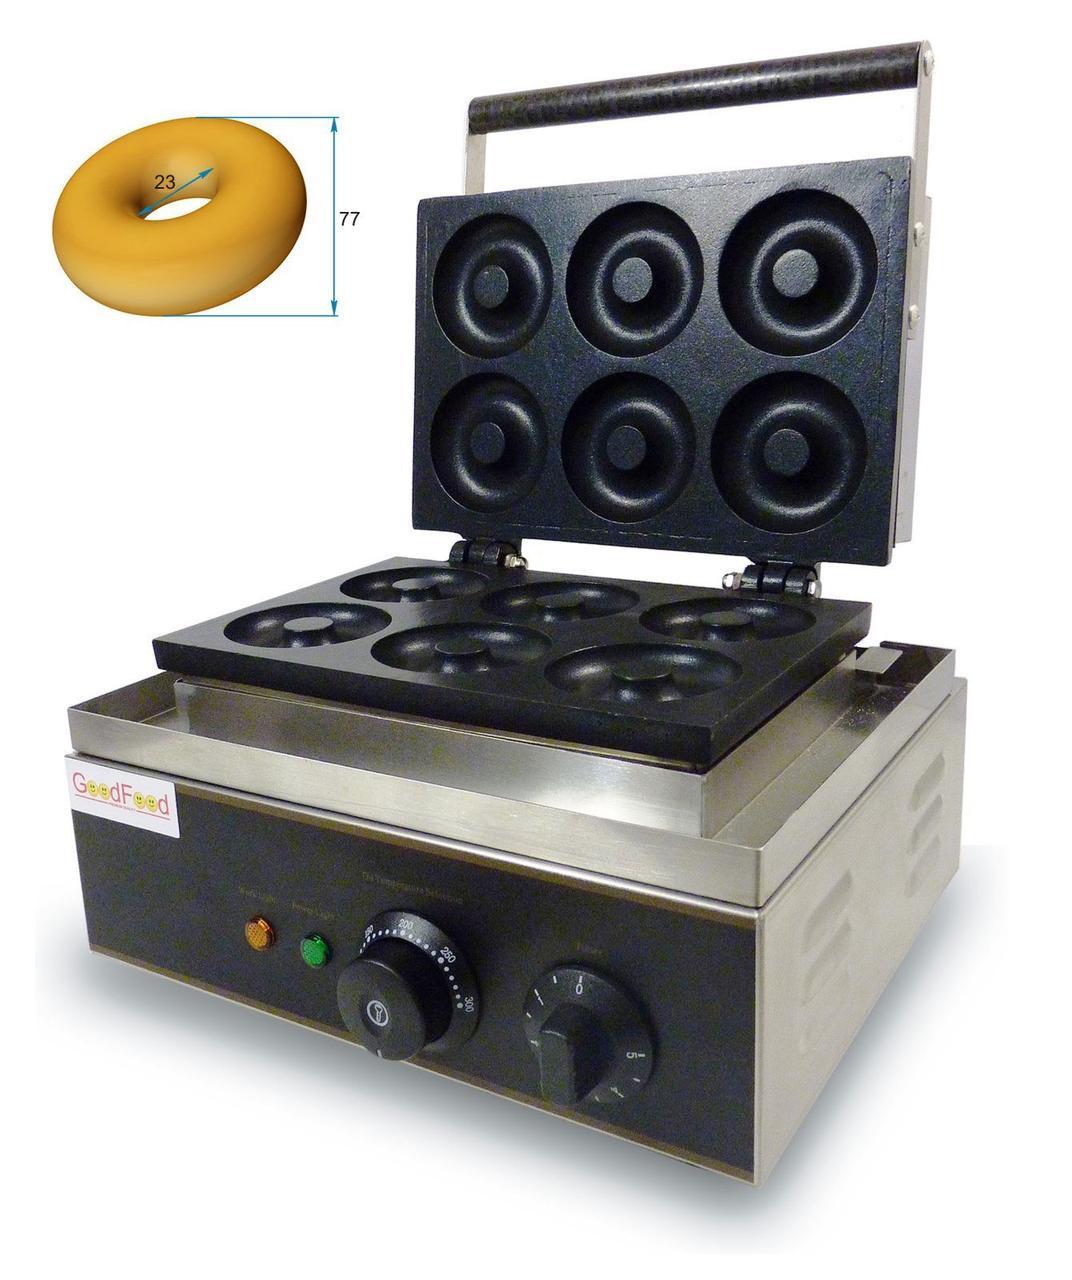 Гриль  для донатсов (американских пончиков) GoodFood DM6